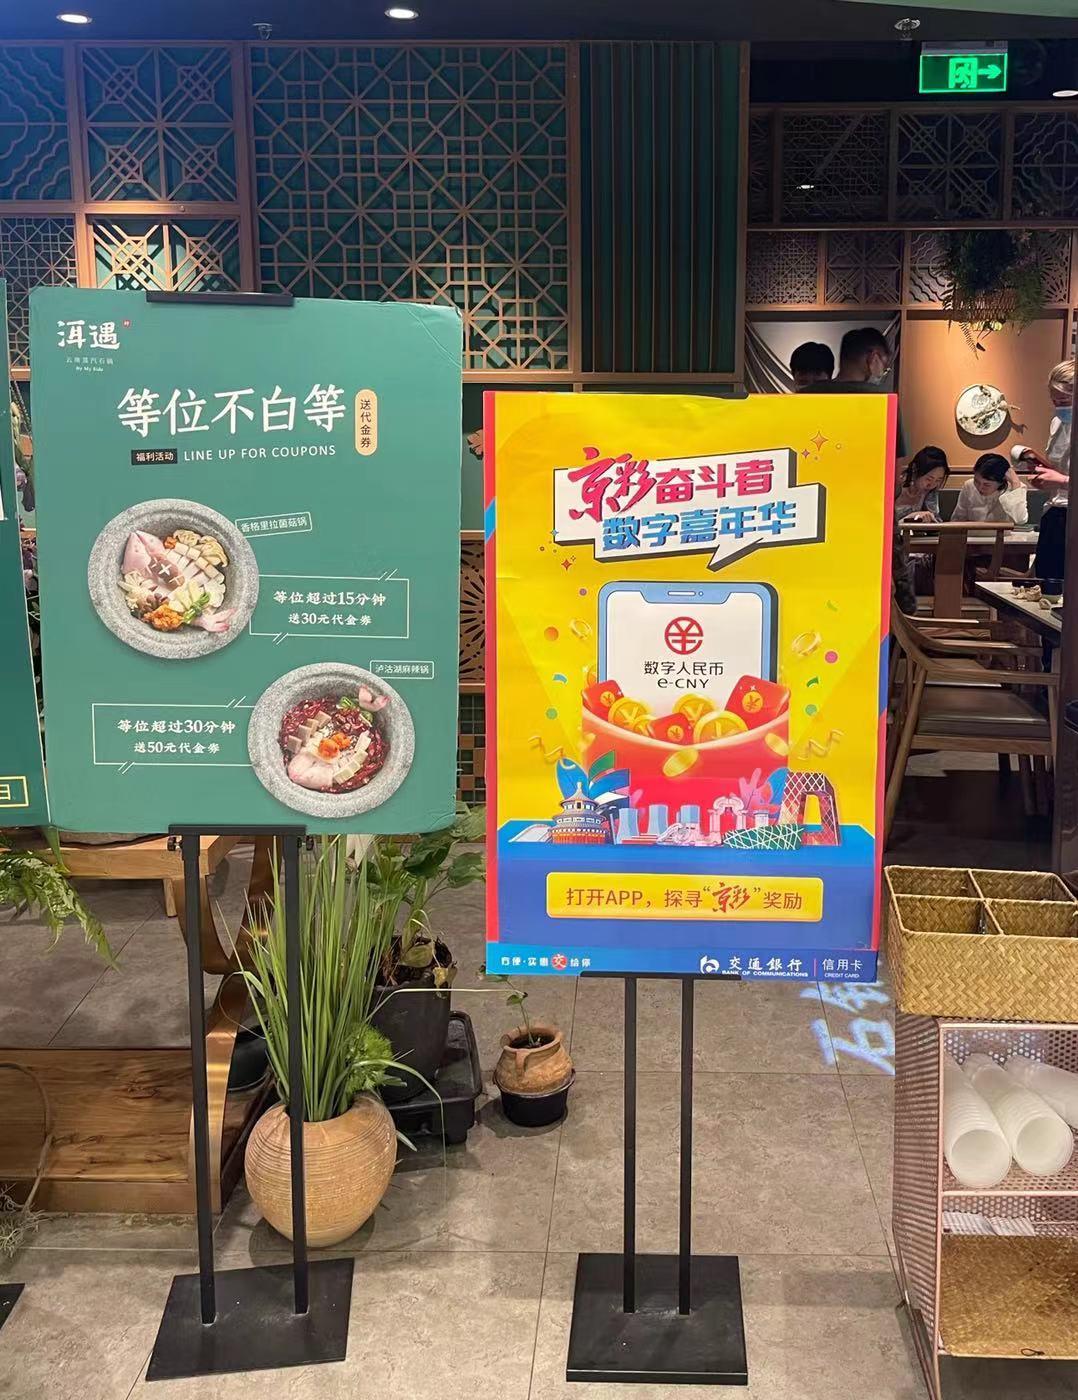 北京:市民踊跃体验数字人民币:三四桌里就有一桌用它结账!